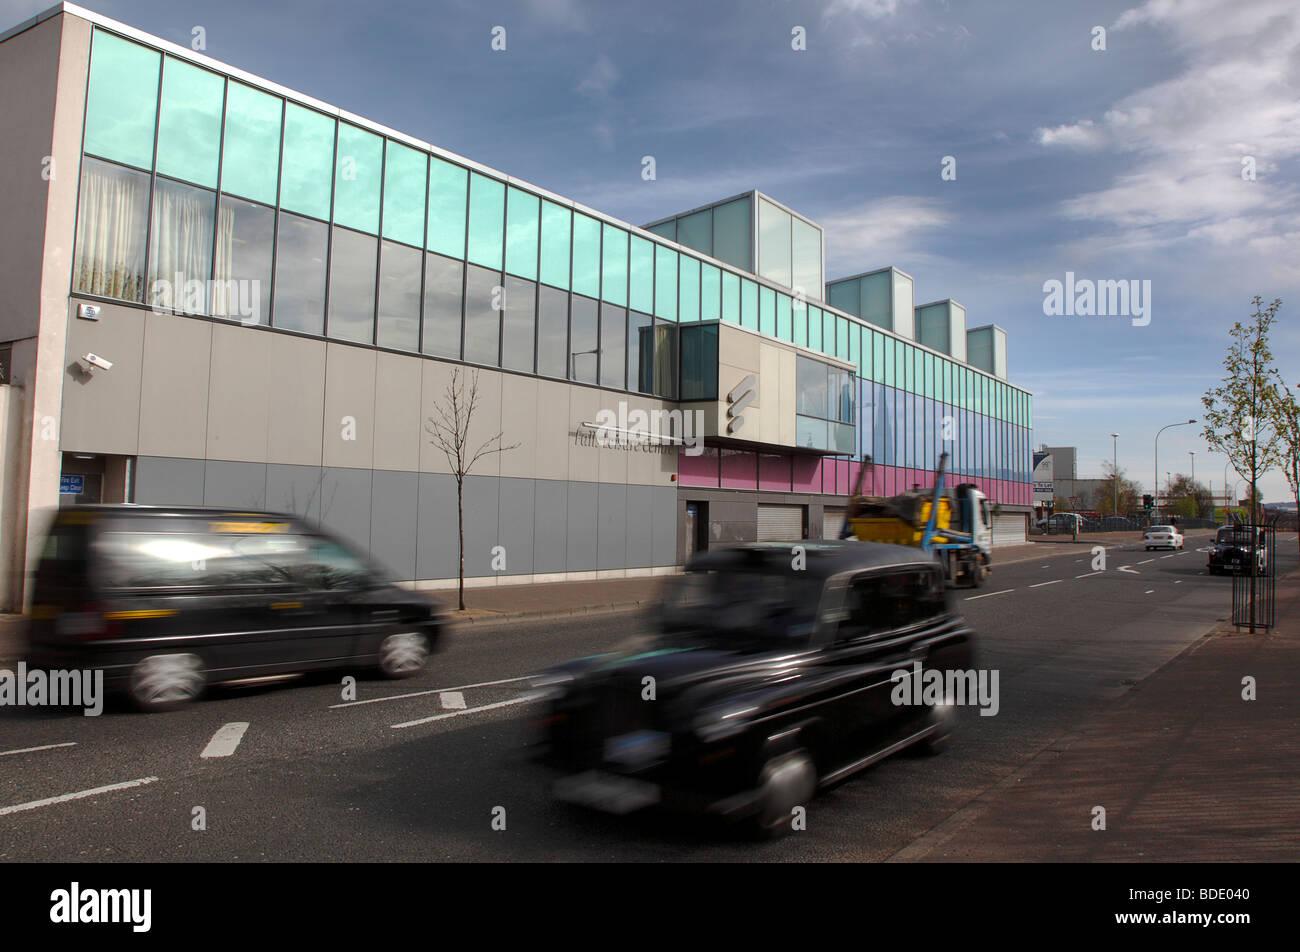 L'Irlande du Nord, Belfast, Ouest, Falls Road, l'extérieur de la piscine avec chutes remis les taxis Photo Stock